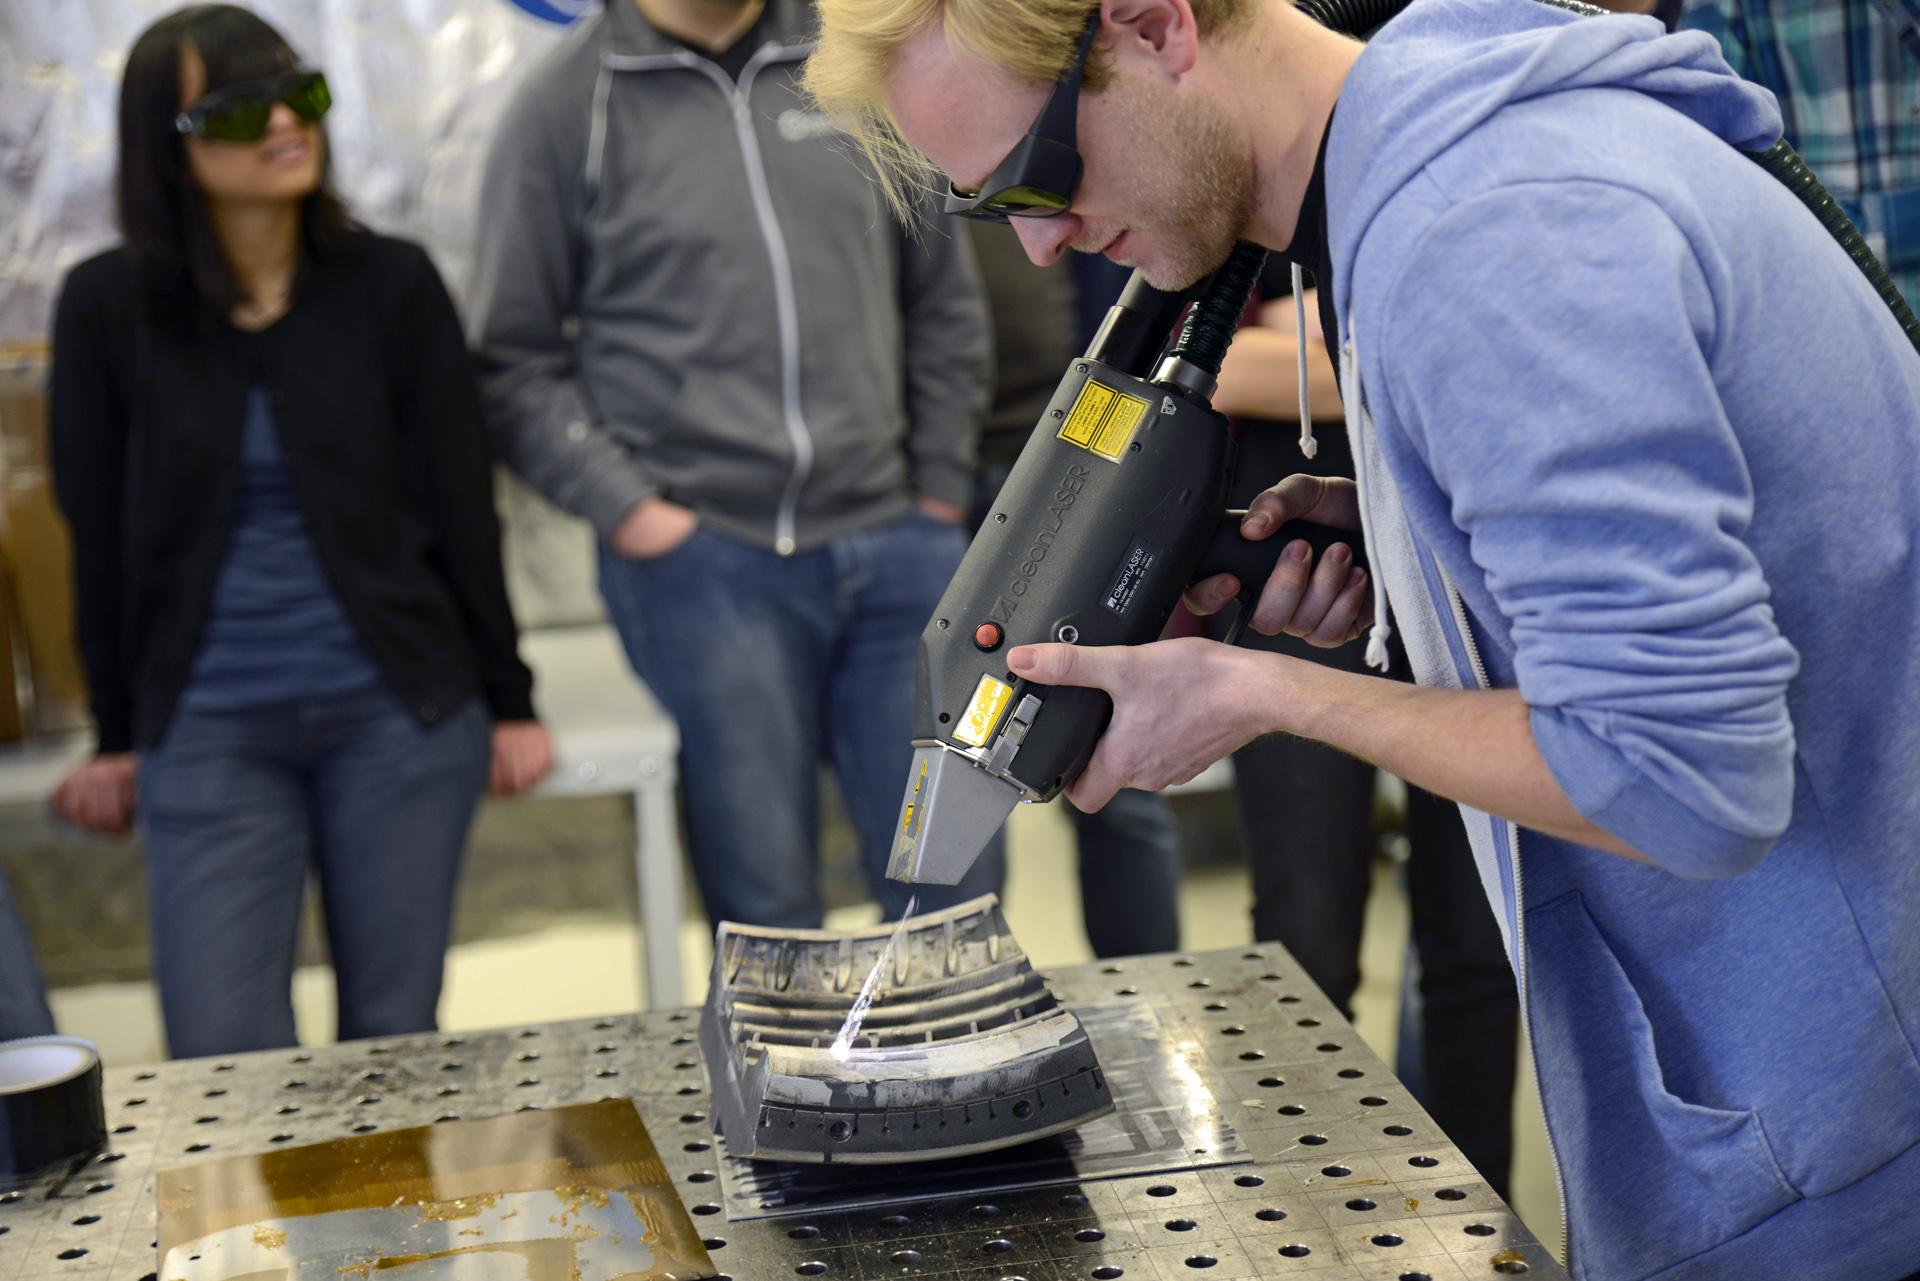 Mann reinigt mit einem Laser eine Metalloberfläche